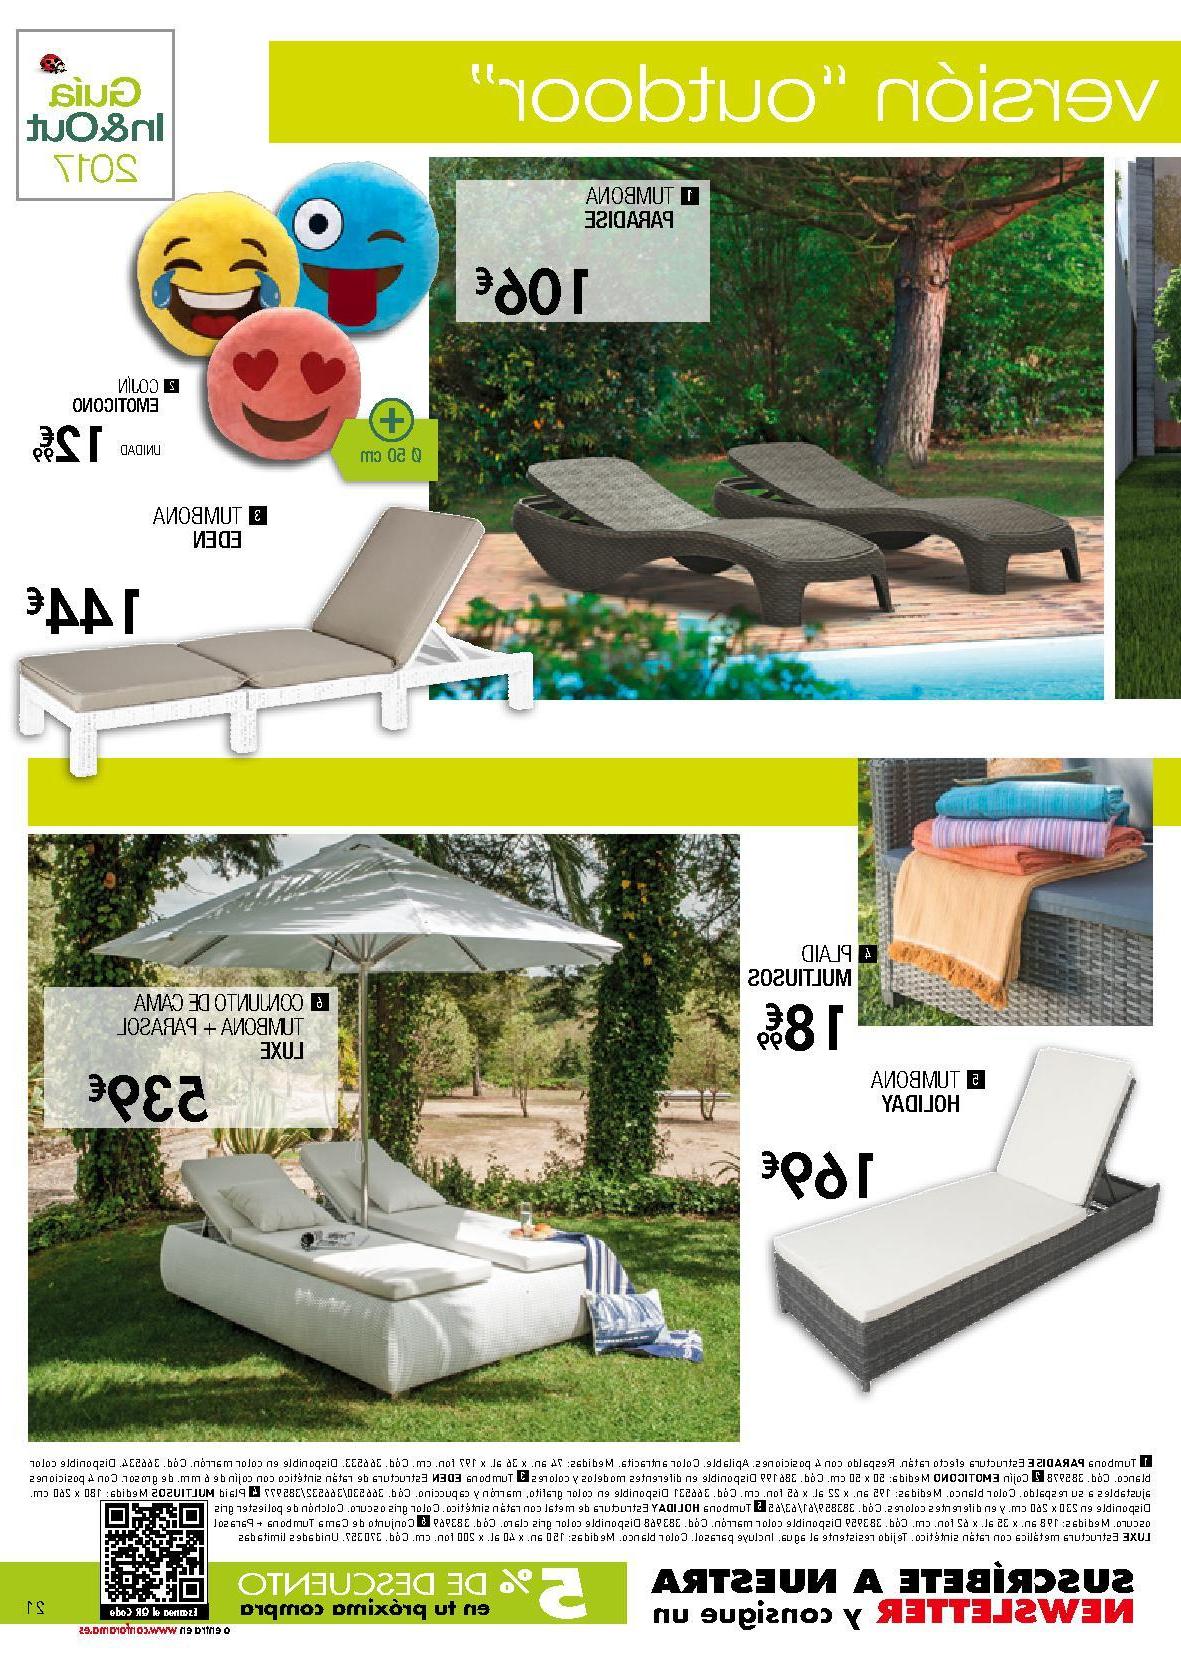 Tumbonas Conforama U3dh Conforama Muebles De Jardin Adorable Lo Mejor De Muebles